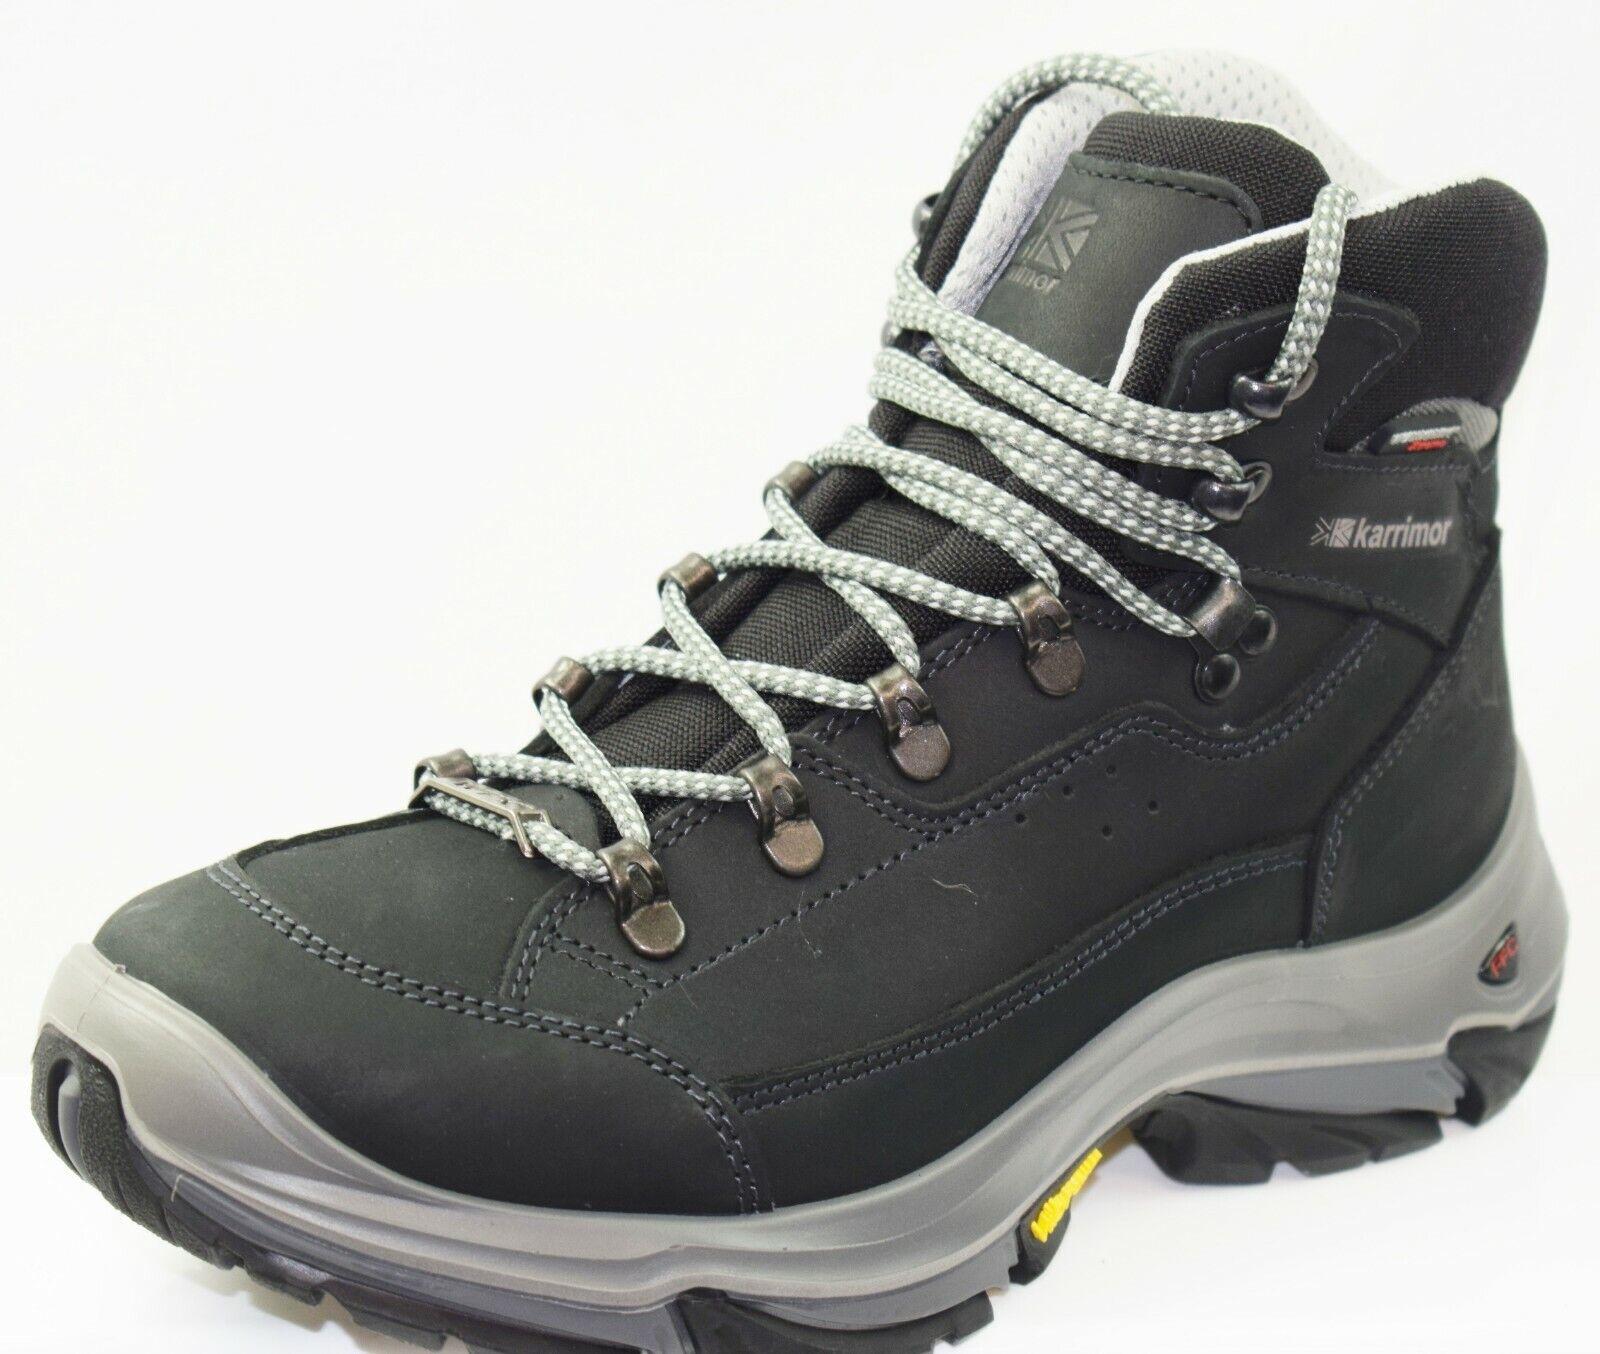 KARRIMOR KSB BRECON Hi Para Hombre botas para Caminar Nuevo Talla (HU1)